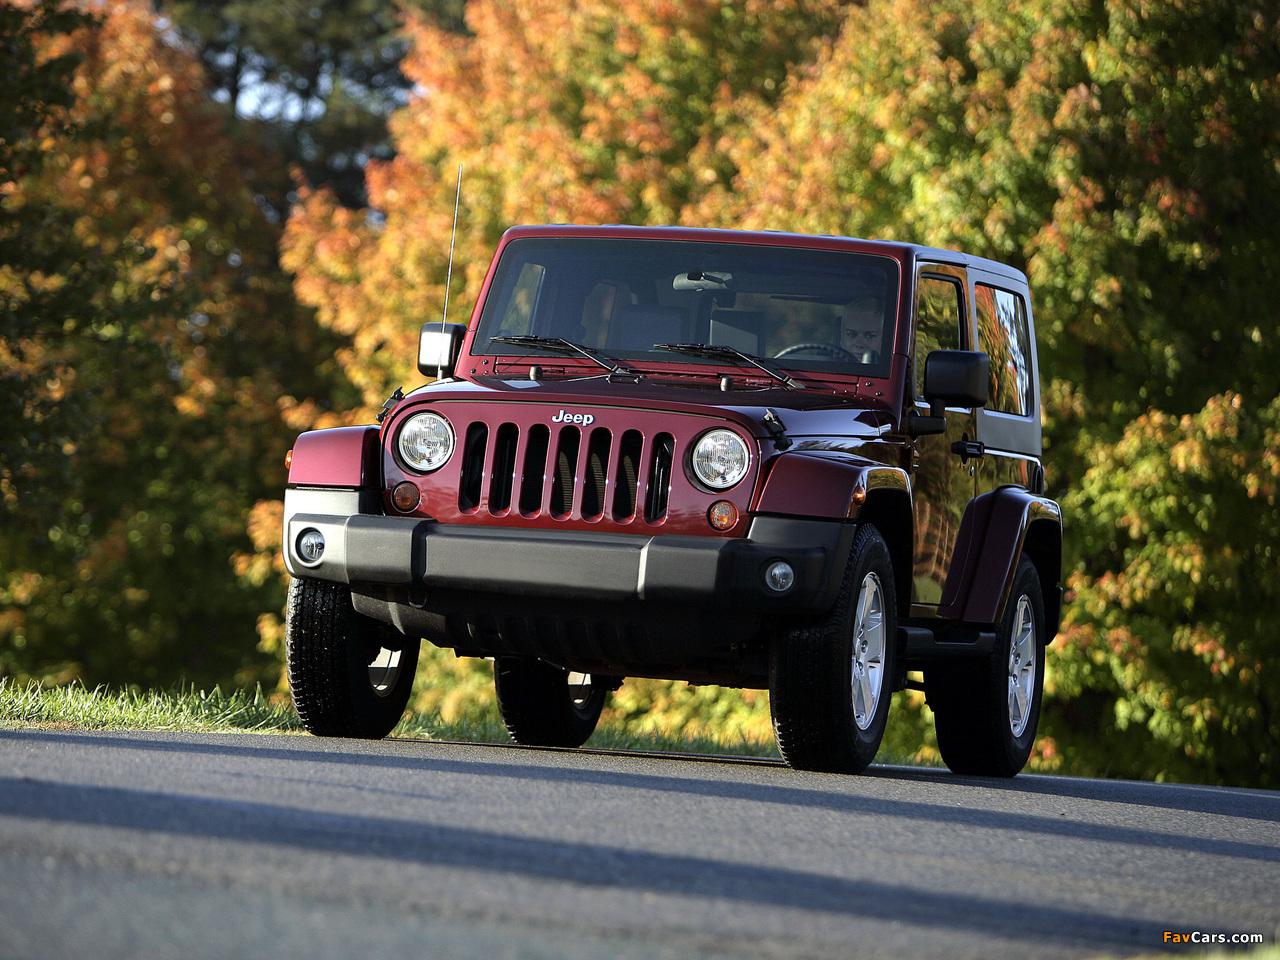 Jeep Wrangler Sahara (JK) 2007 pictures (1280 x 960)